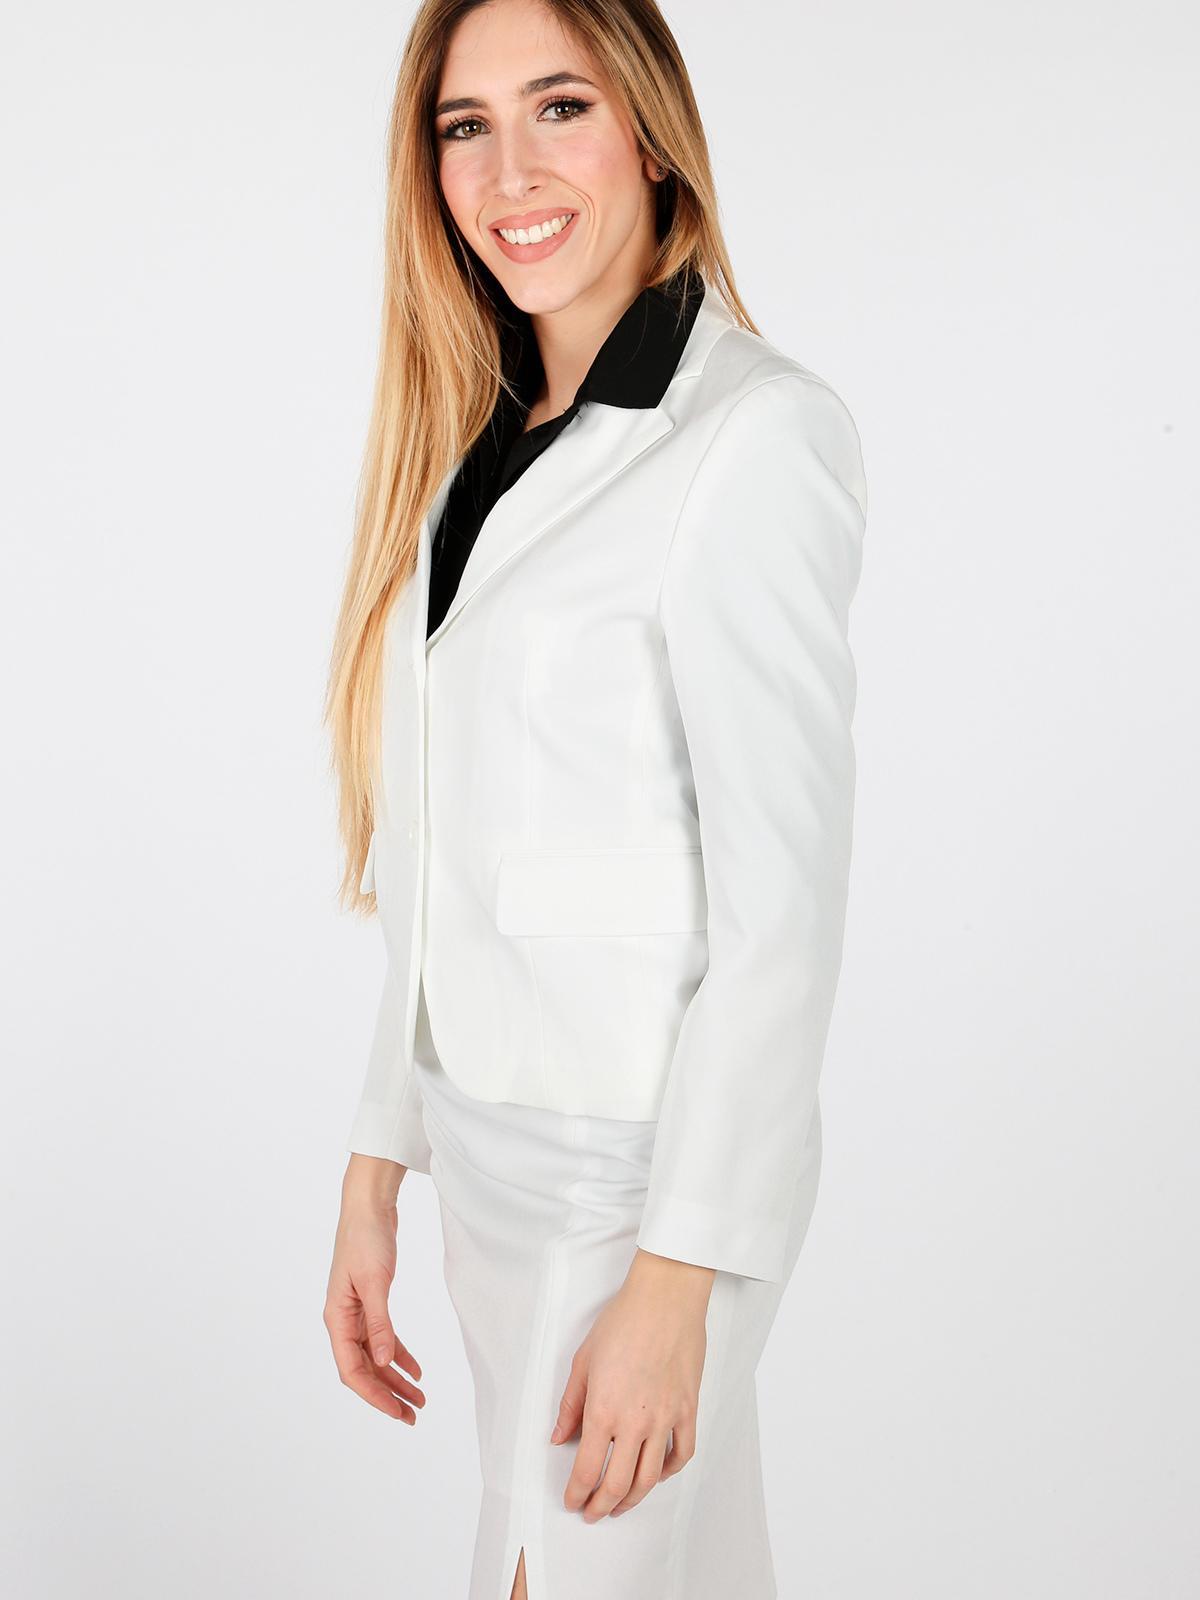 sale retailer 88288 c49a0 Giacca elegante bianca radaus | MecShopping